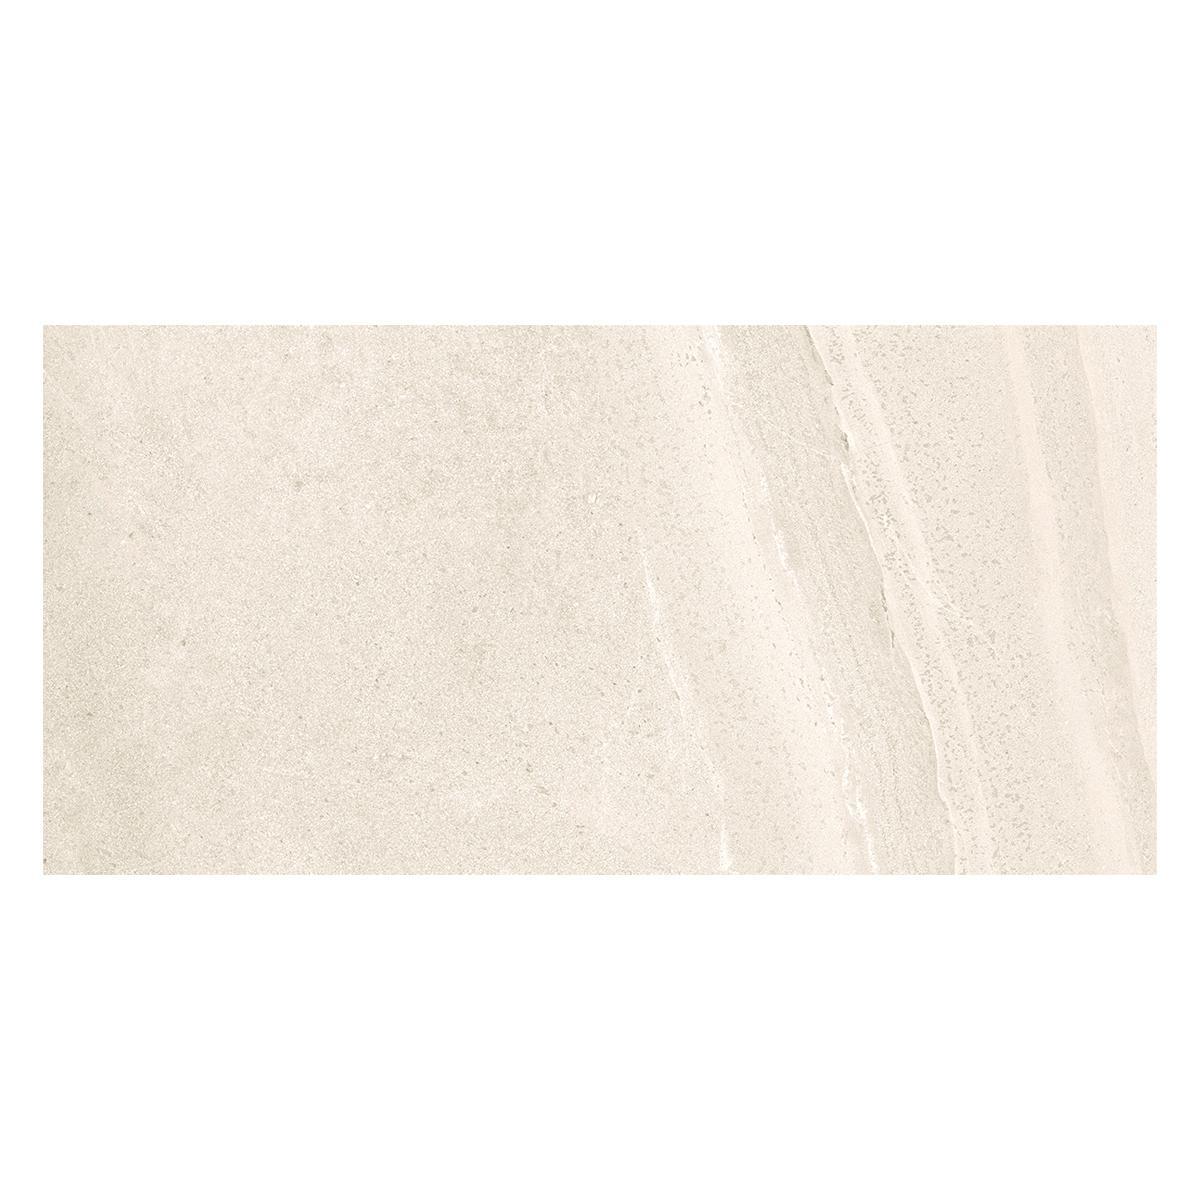 Porcelanato Stoneage Antislip Crema Mate - 37X75 cm - 1.13 m2